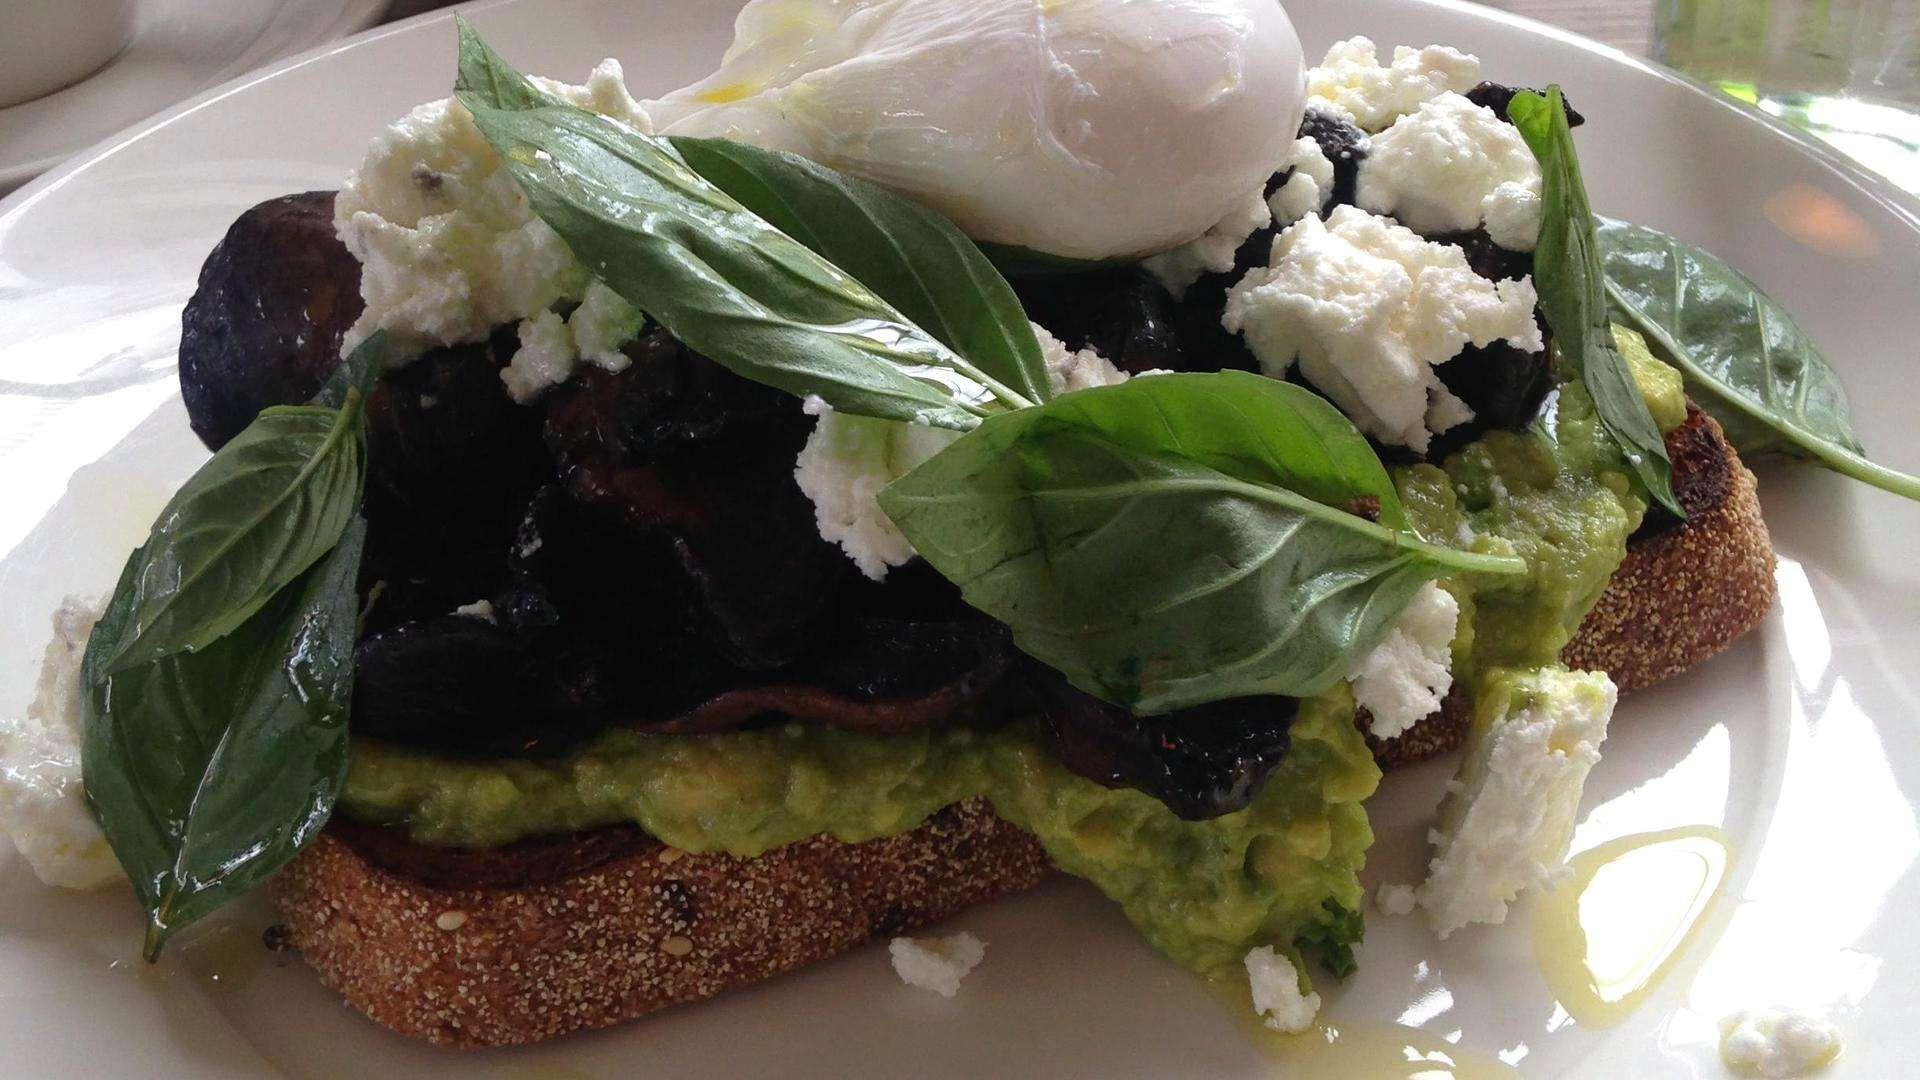 Kermainen ja terveellinen avokado on trendiraaka-aine. Tunnetko jo tämän aamiaiselle sopivan hittiherkun?